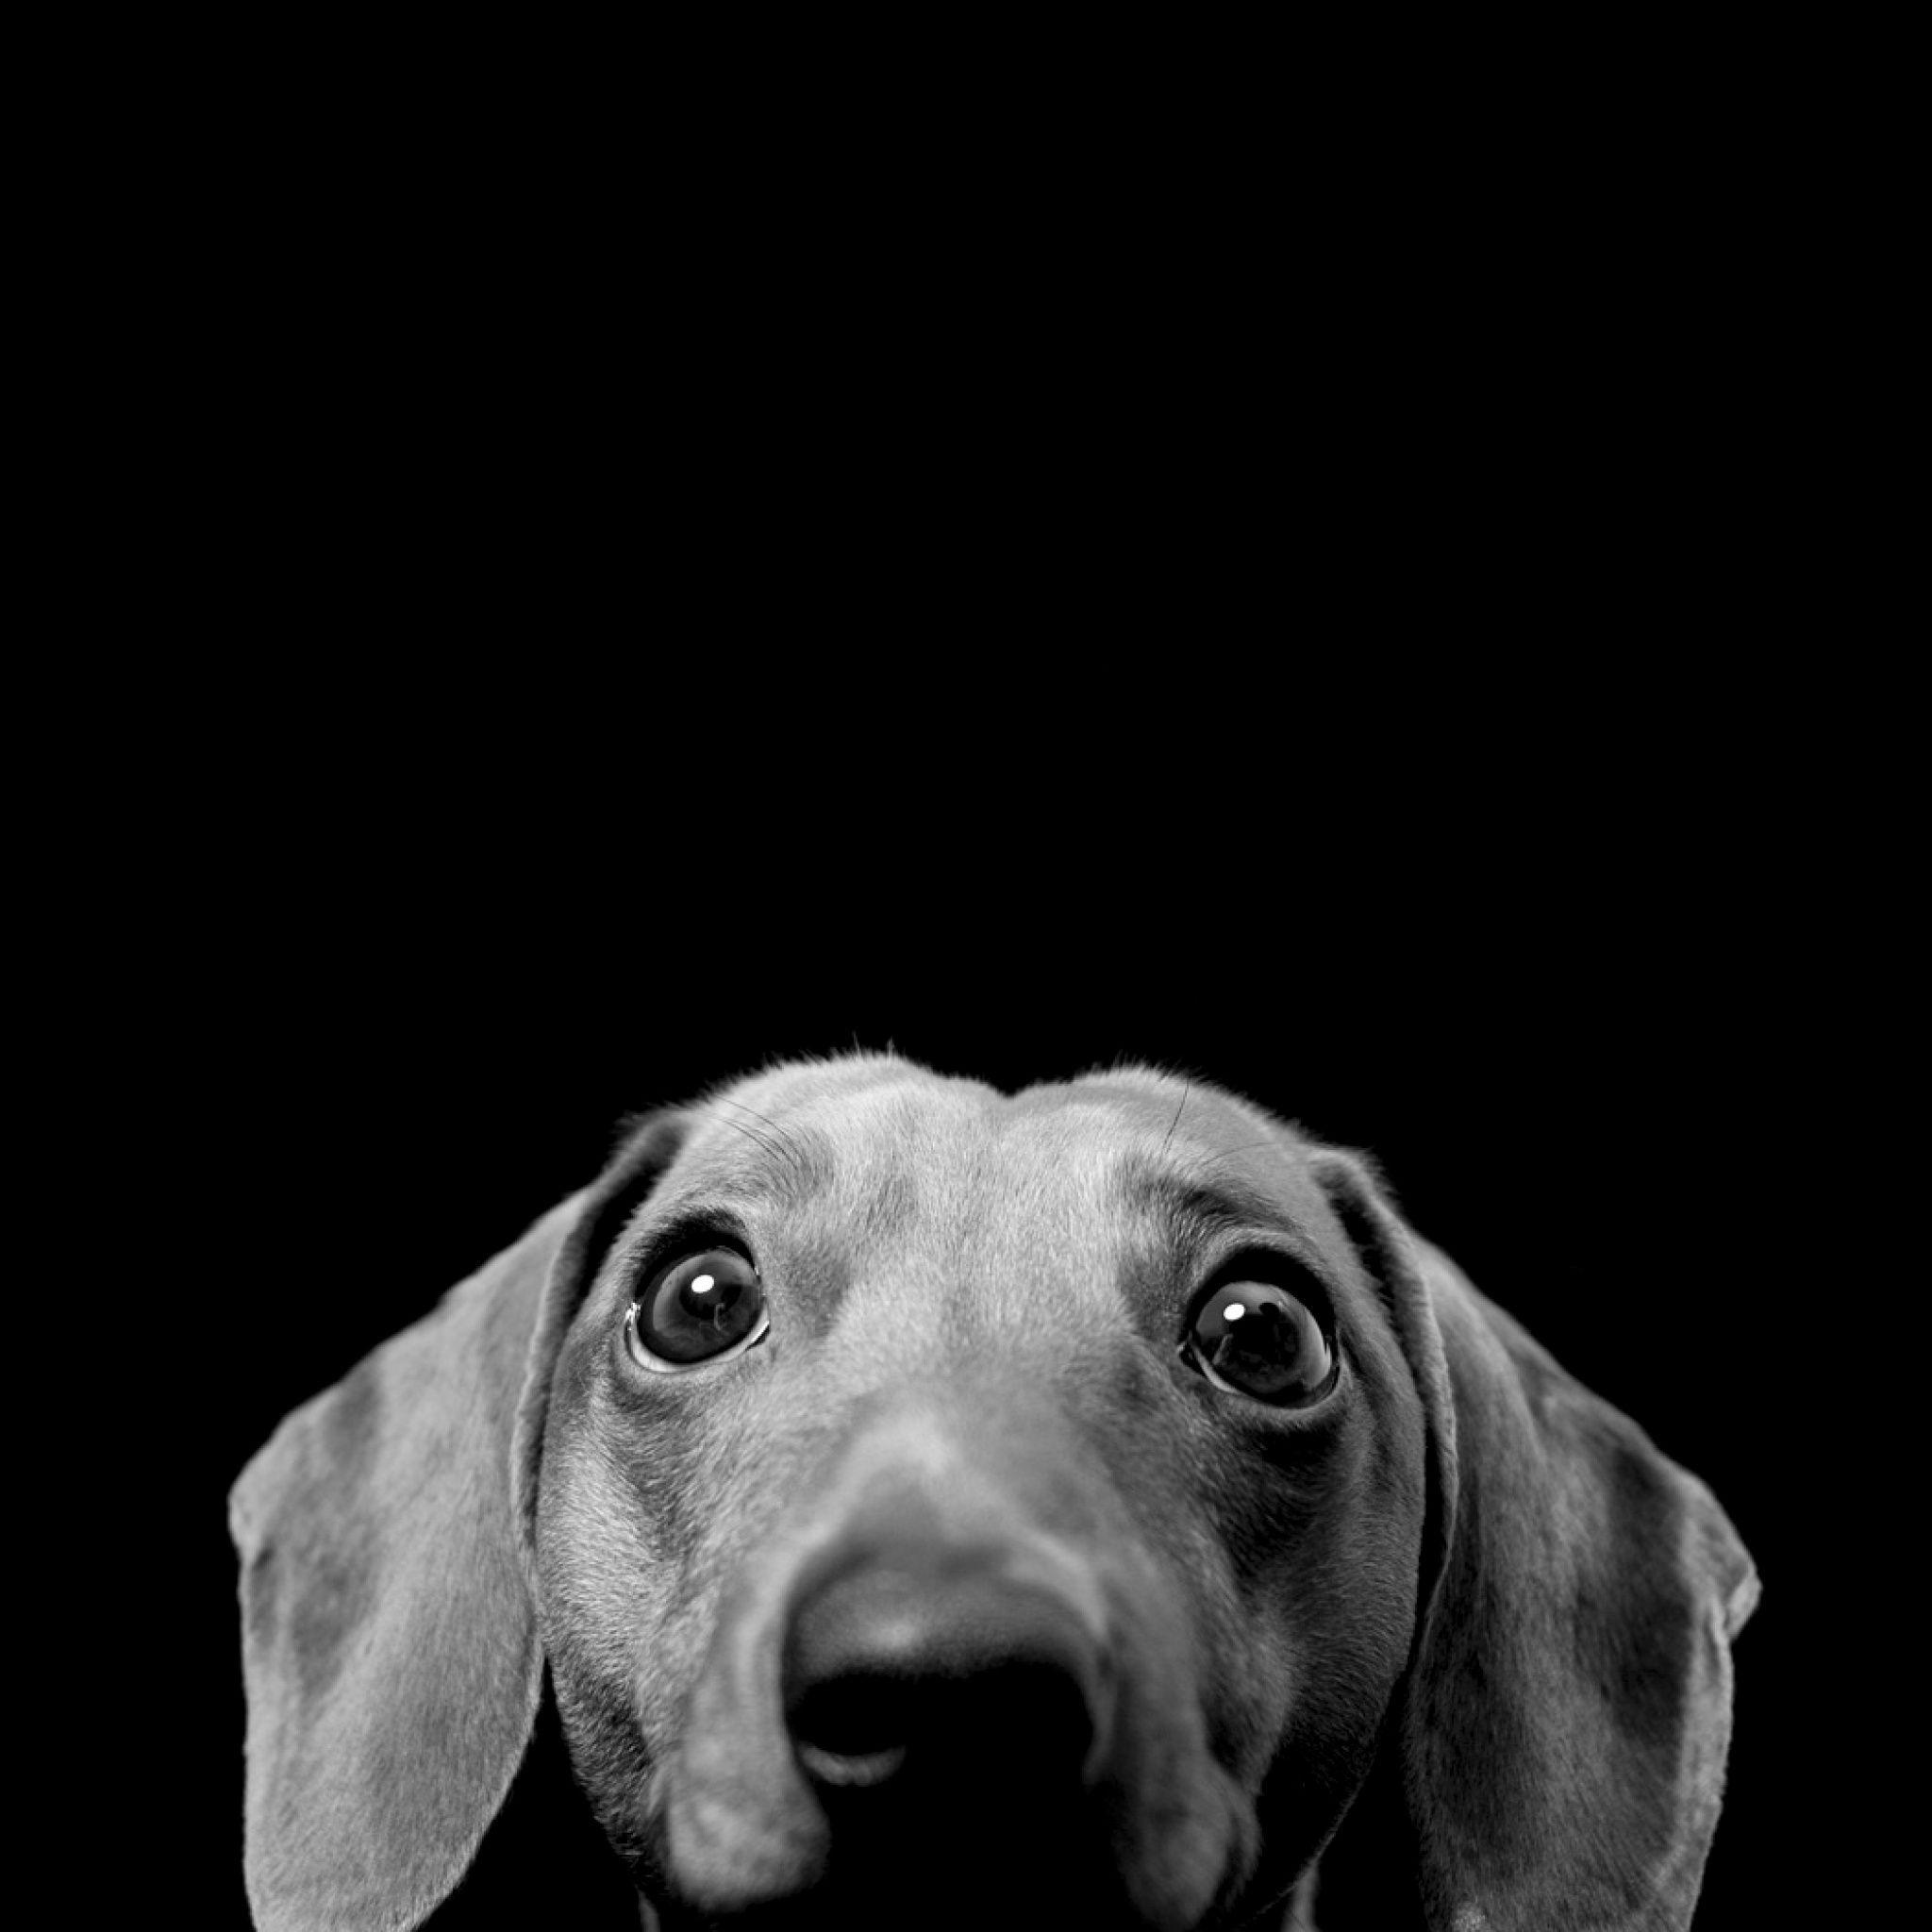 Perros, Mascotas Y Animales